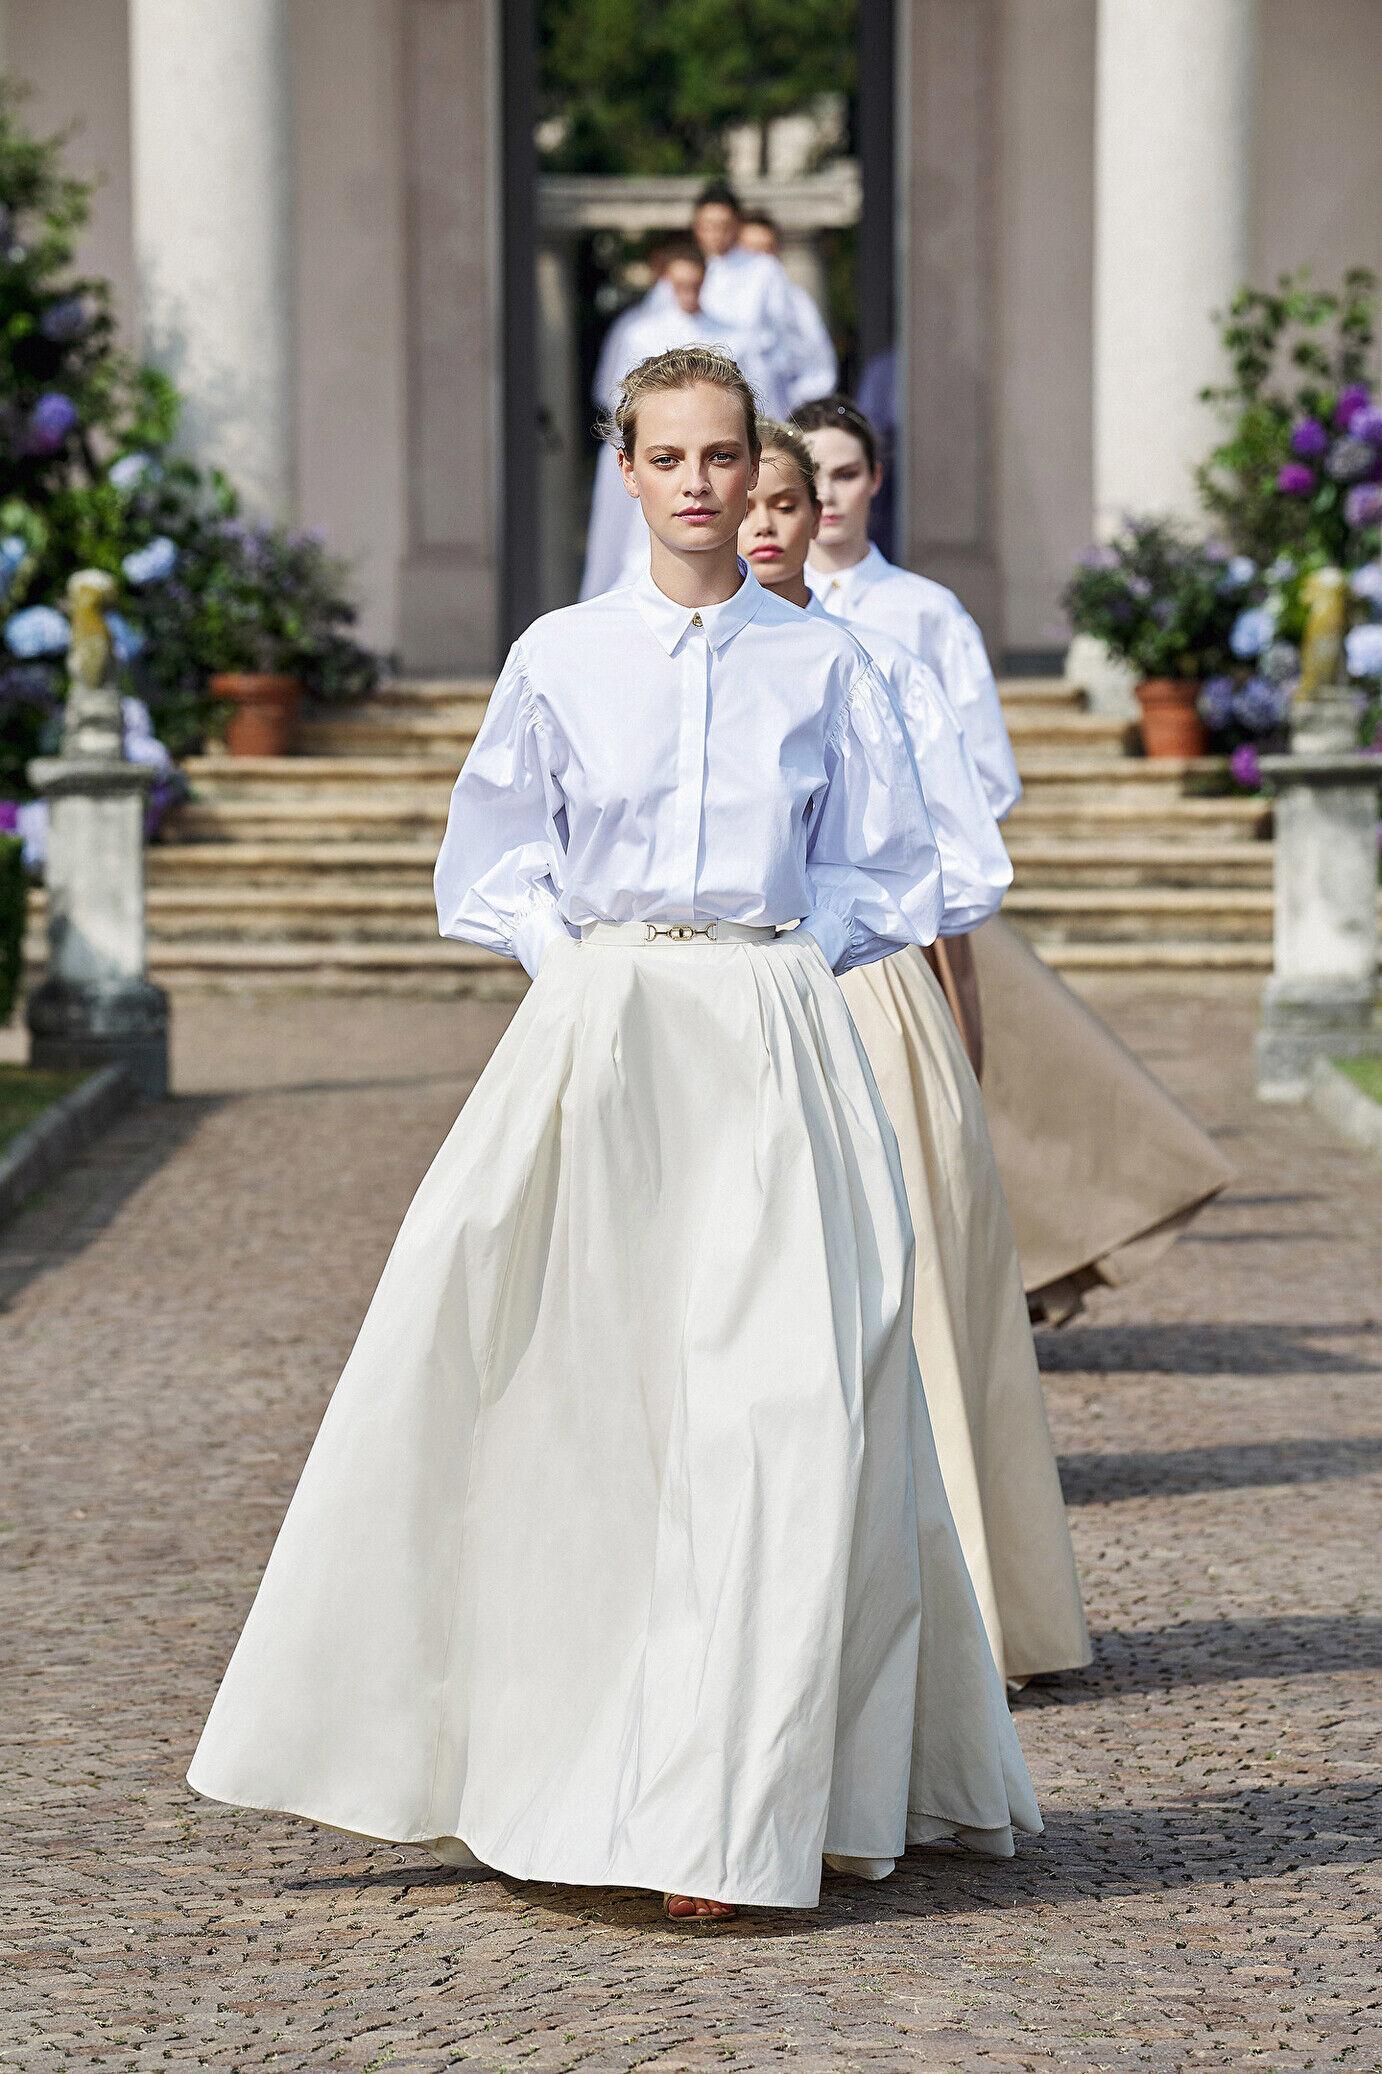 Camicia Con Maniche A Sbuffo - Elisabetta Franchi